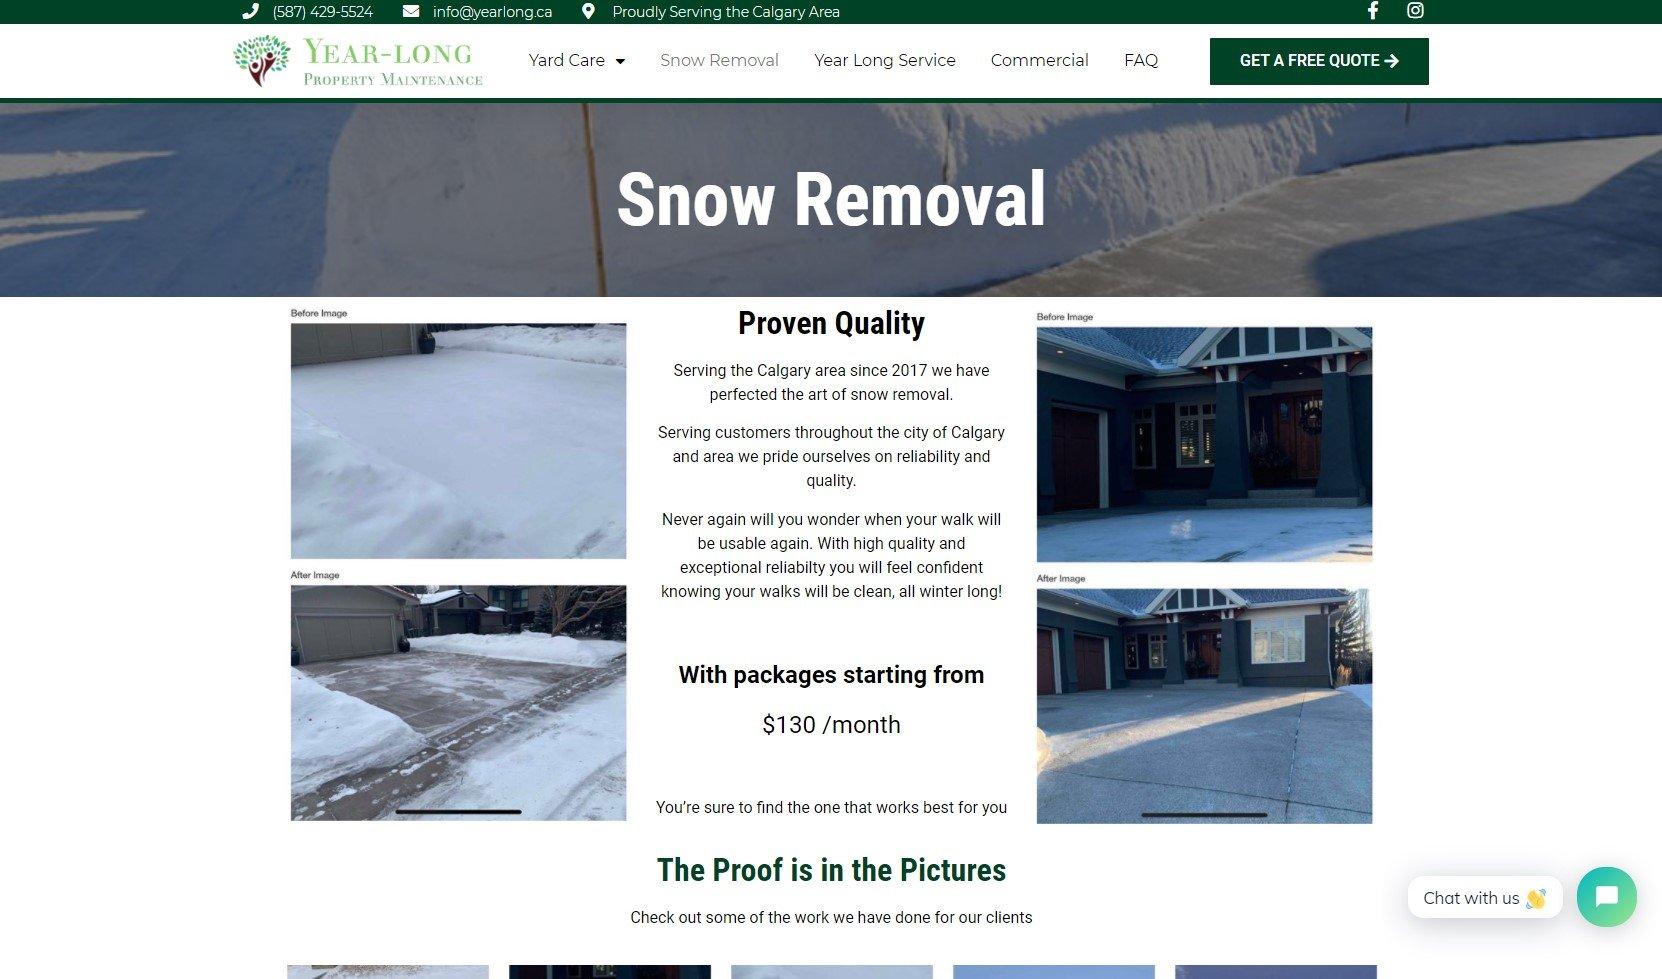 Yearlong Snow Removal Screenshot